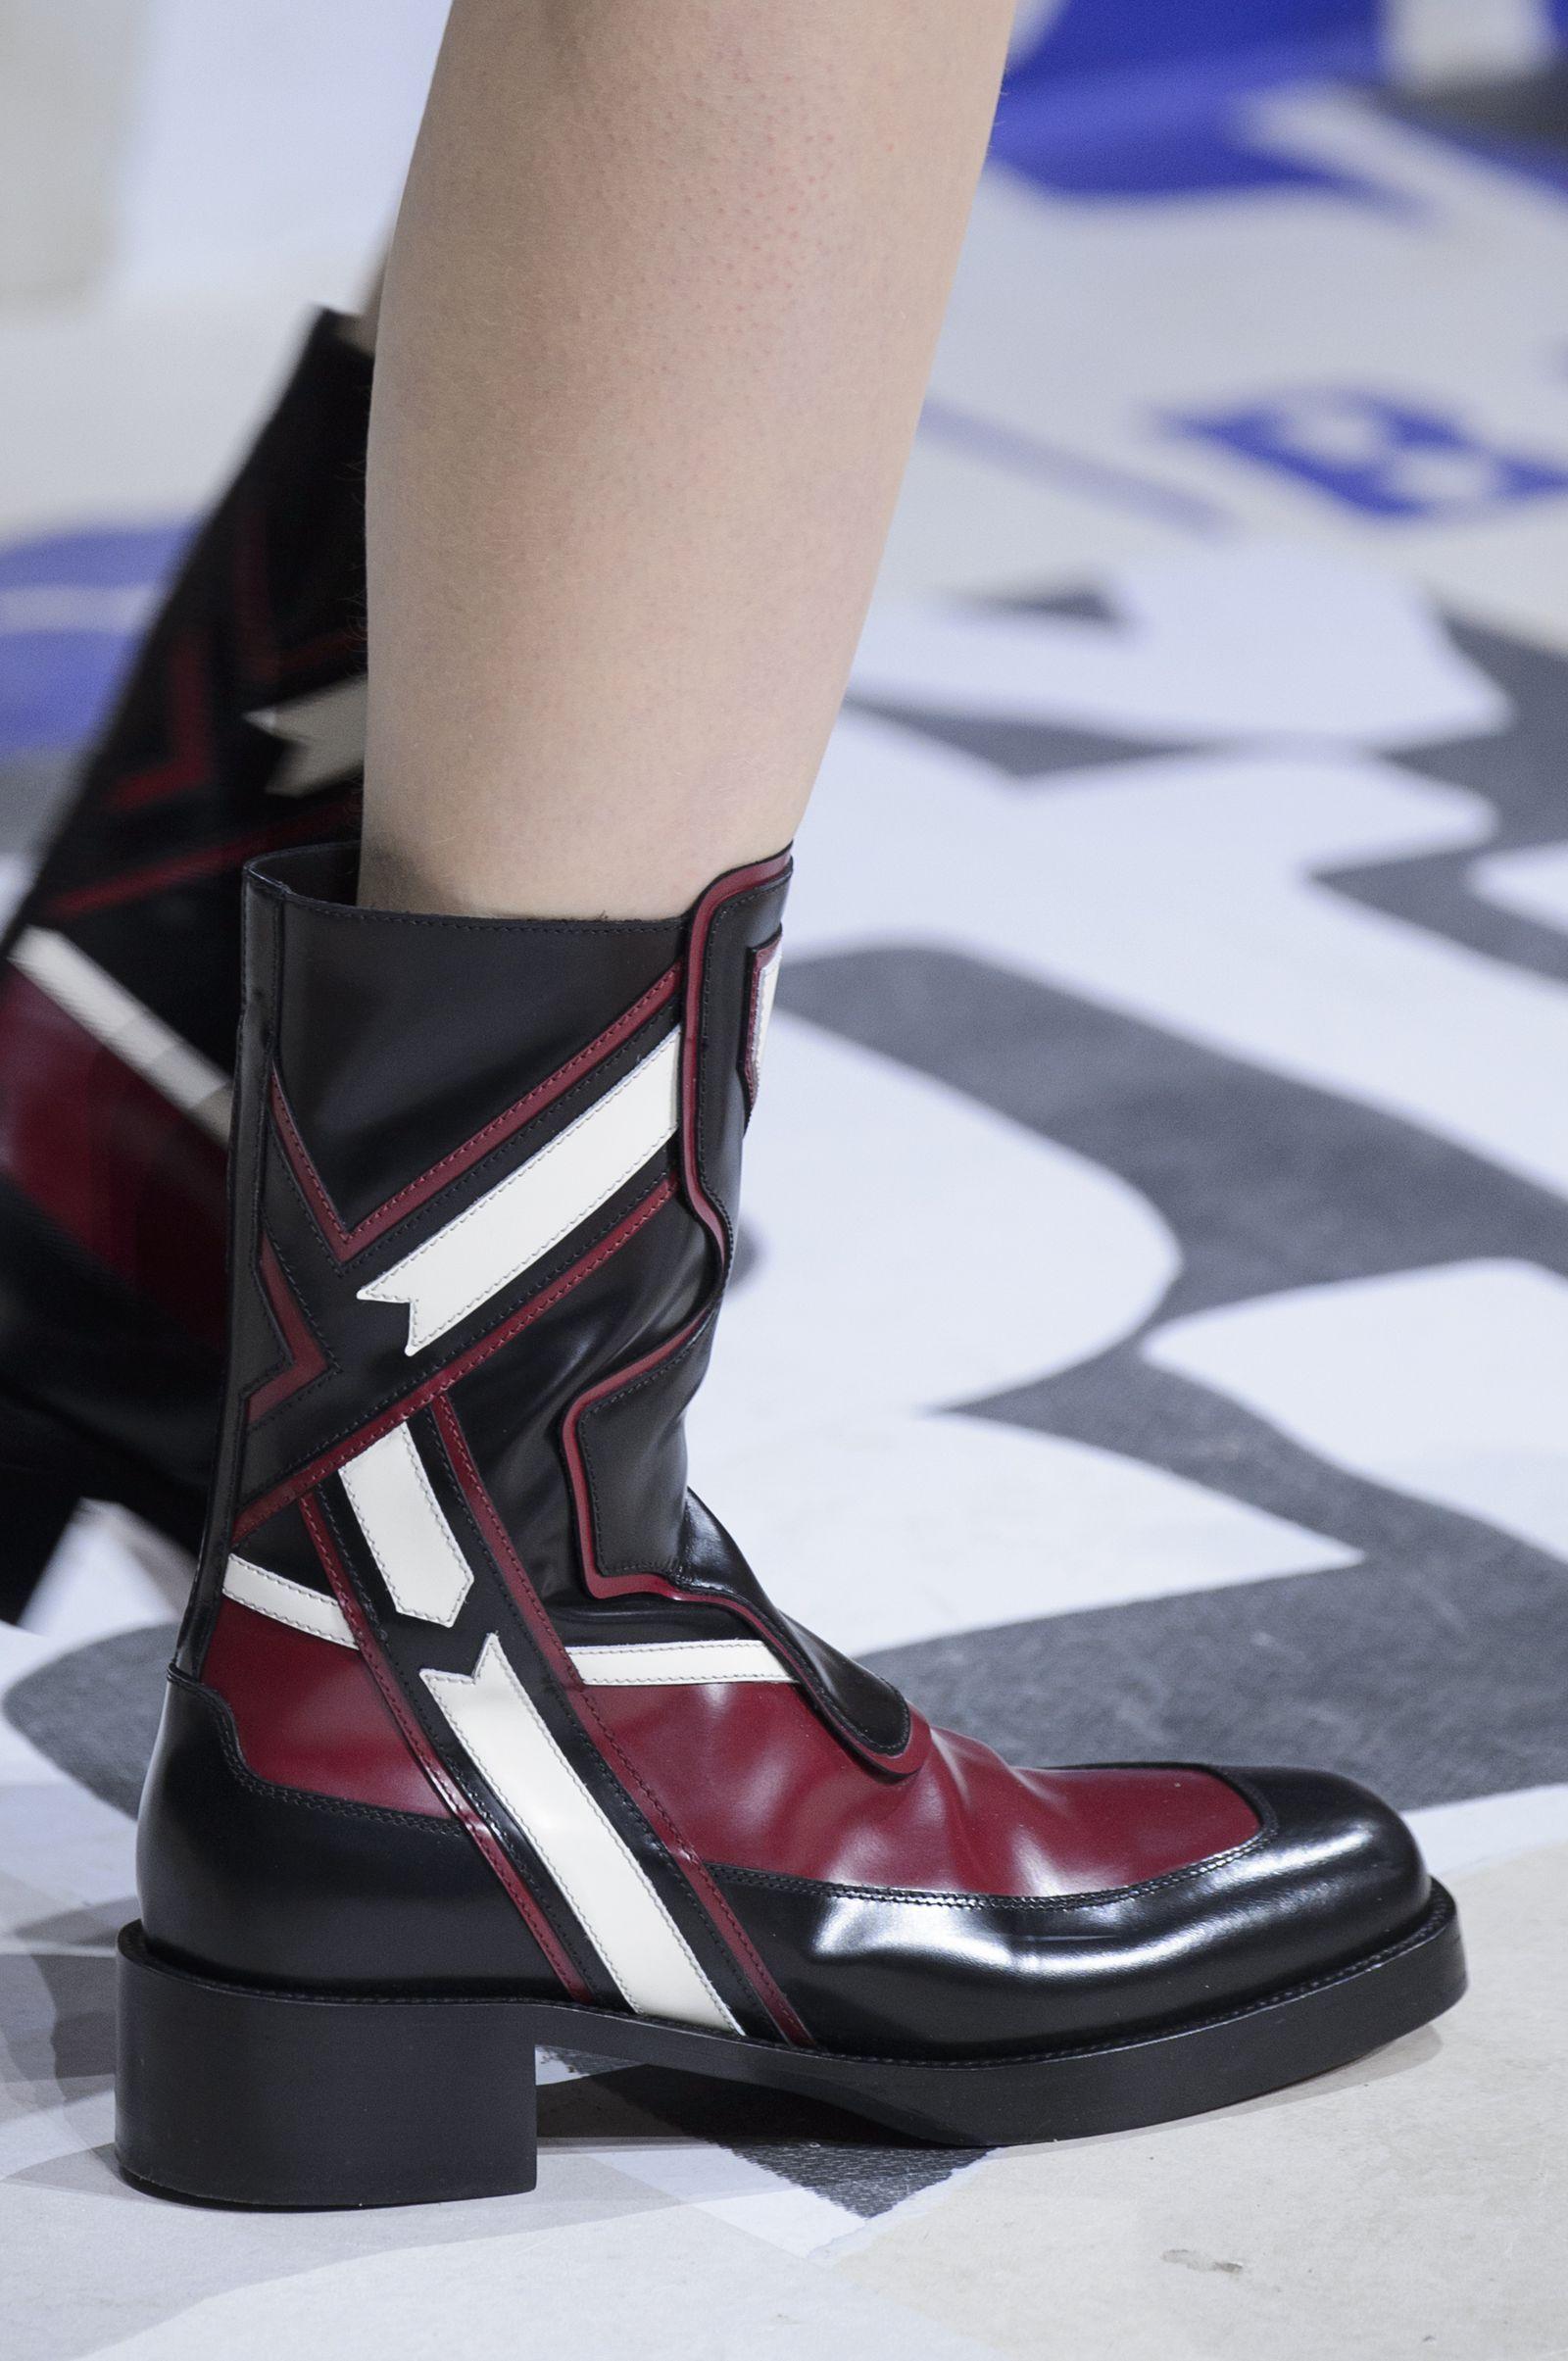 Le scarpe di moda per l Autunno Inverno 2018 2019 viste alle sfilate sono i  modelli che vorremmo avere SUBITOelleitalia c055e4977a0